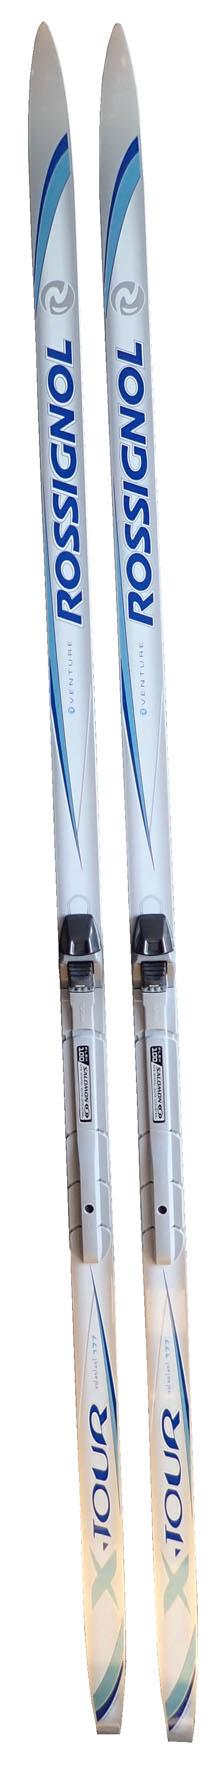 LS-177 Běžecké lyže ROSSIGNOL s vázáním SNS - SLEVA - AKCE